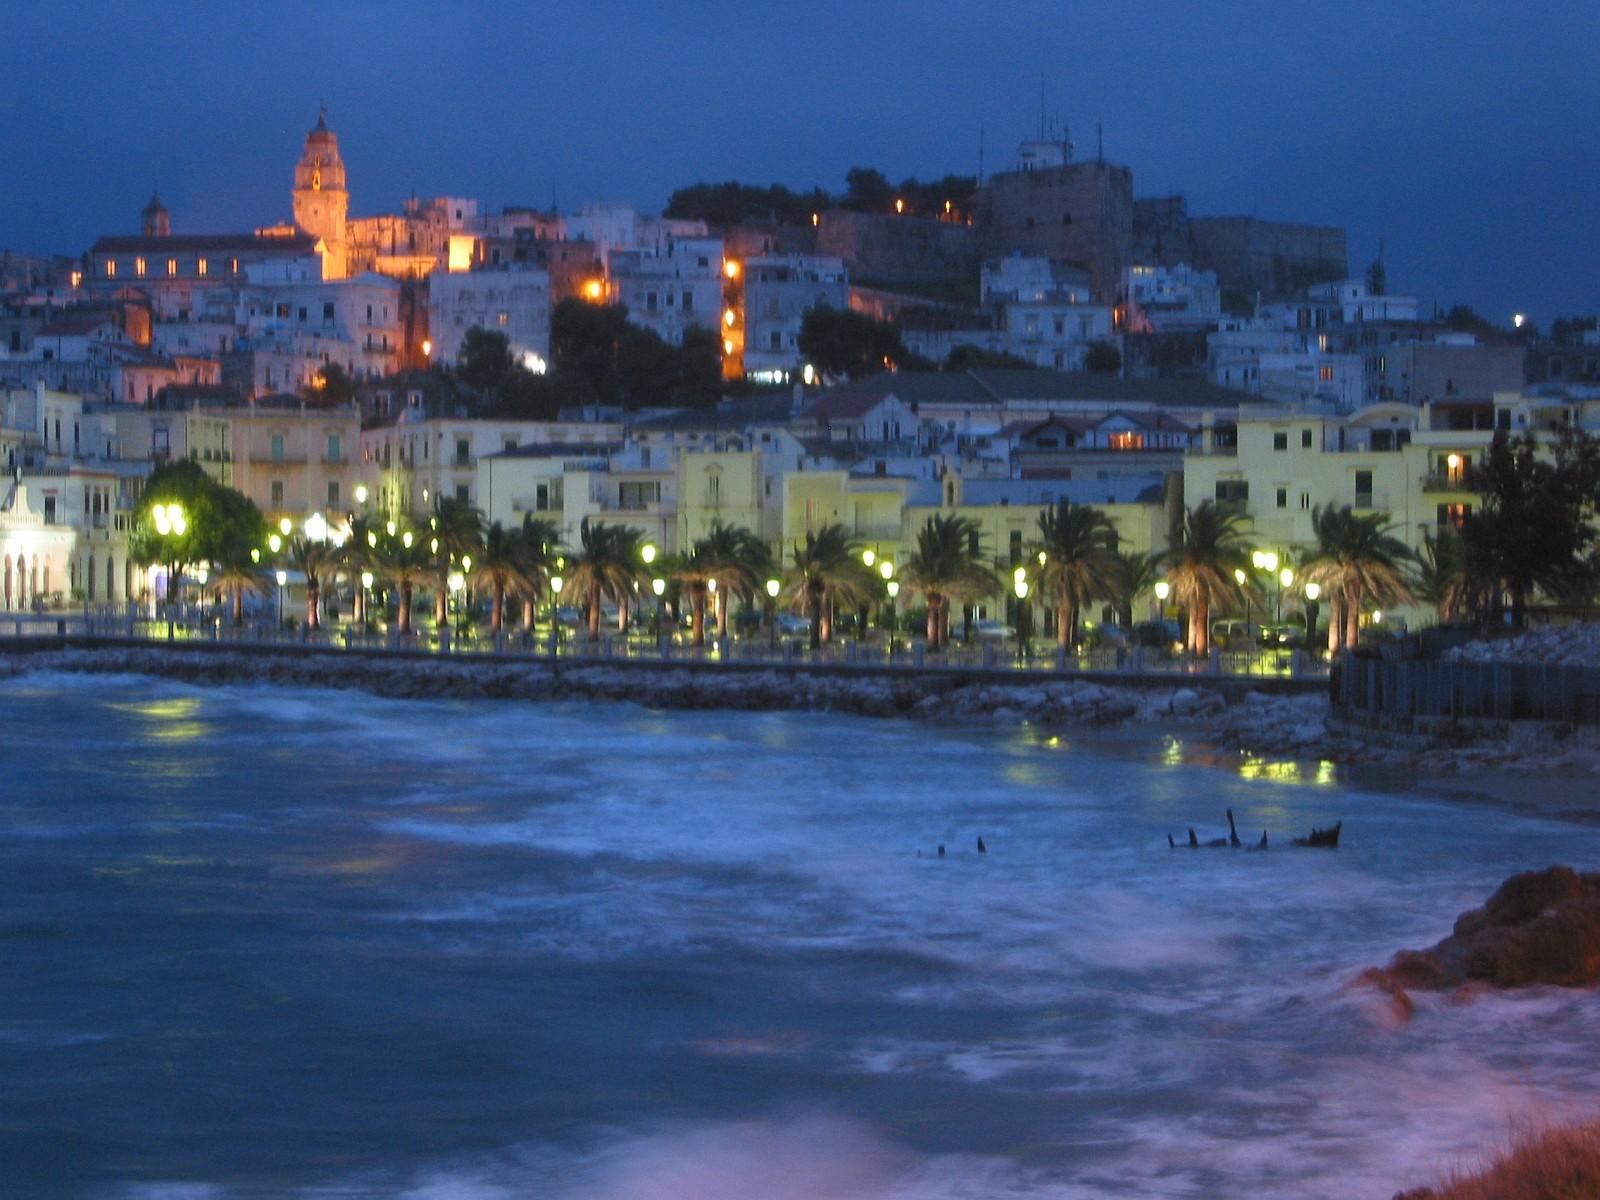 Vacanza in Puglia tra sole, mare e amori che nascono sotto l'ombrellone